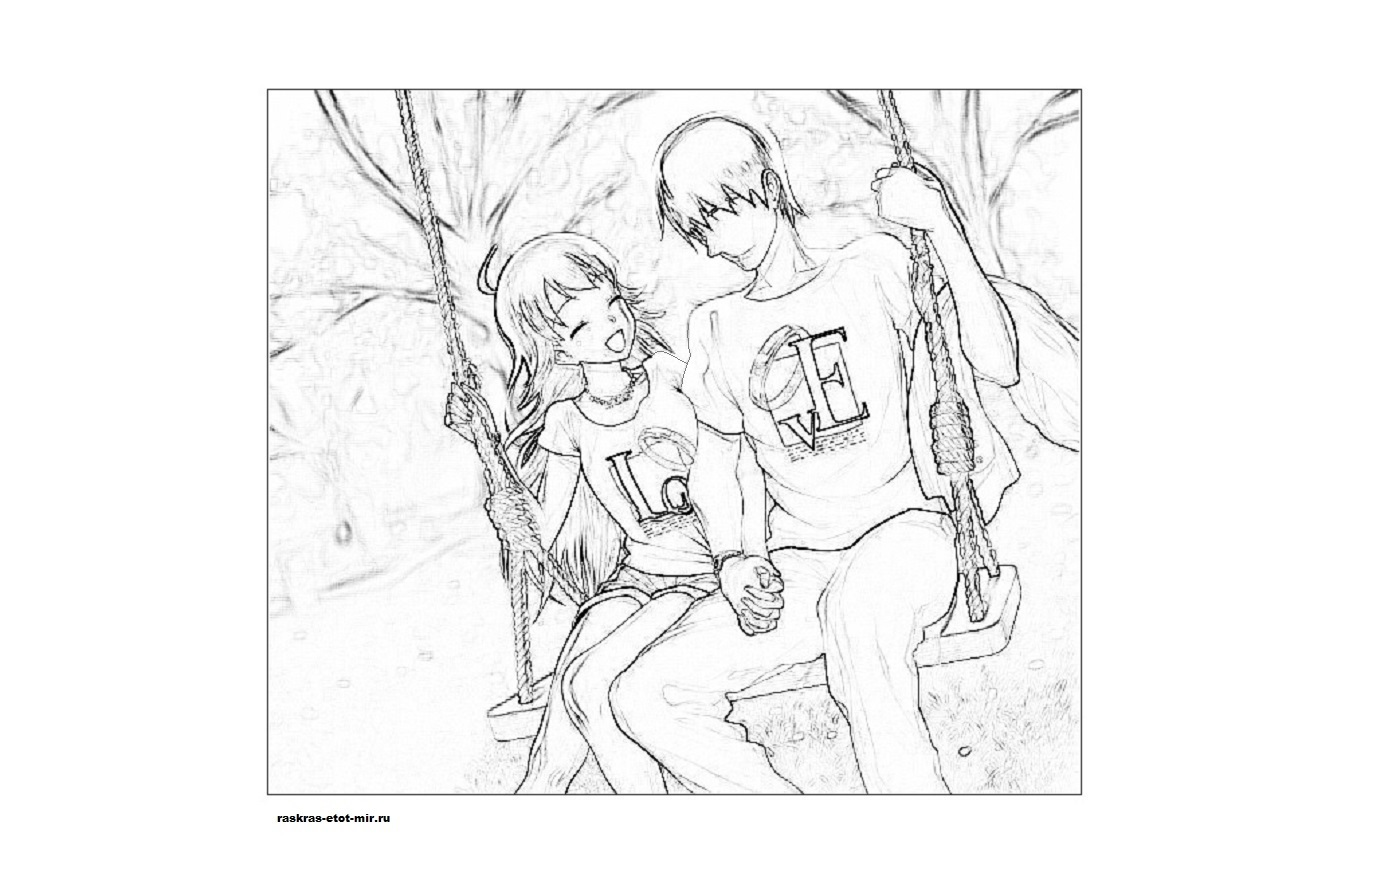 Пара аниме раскраска для детей019